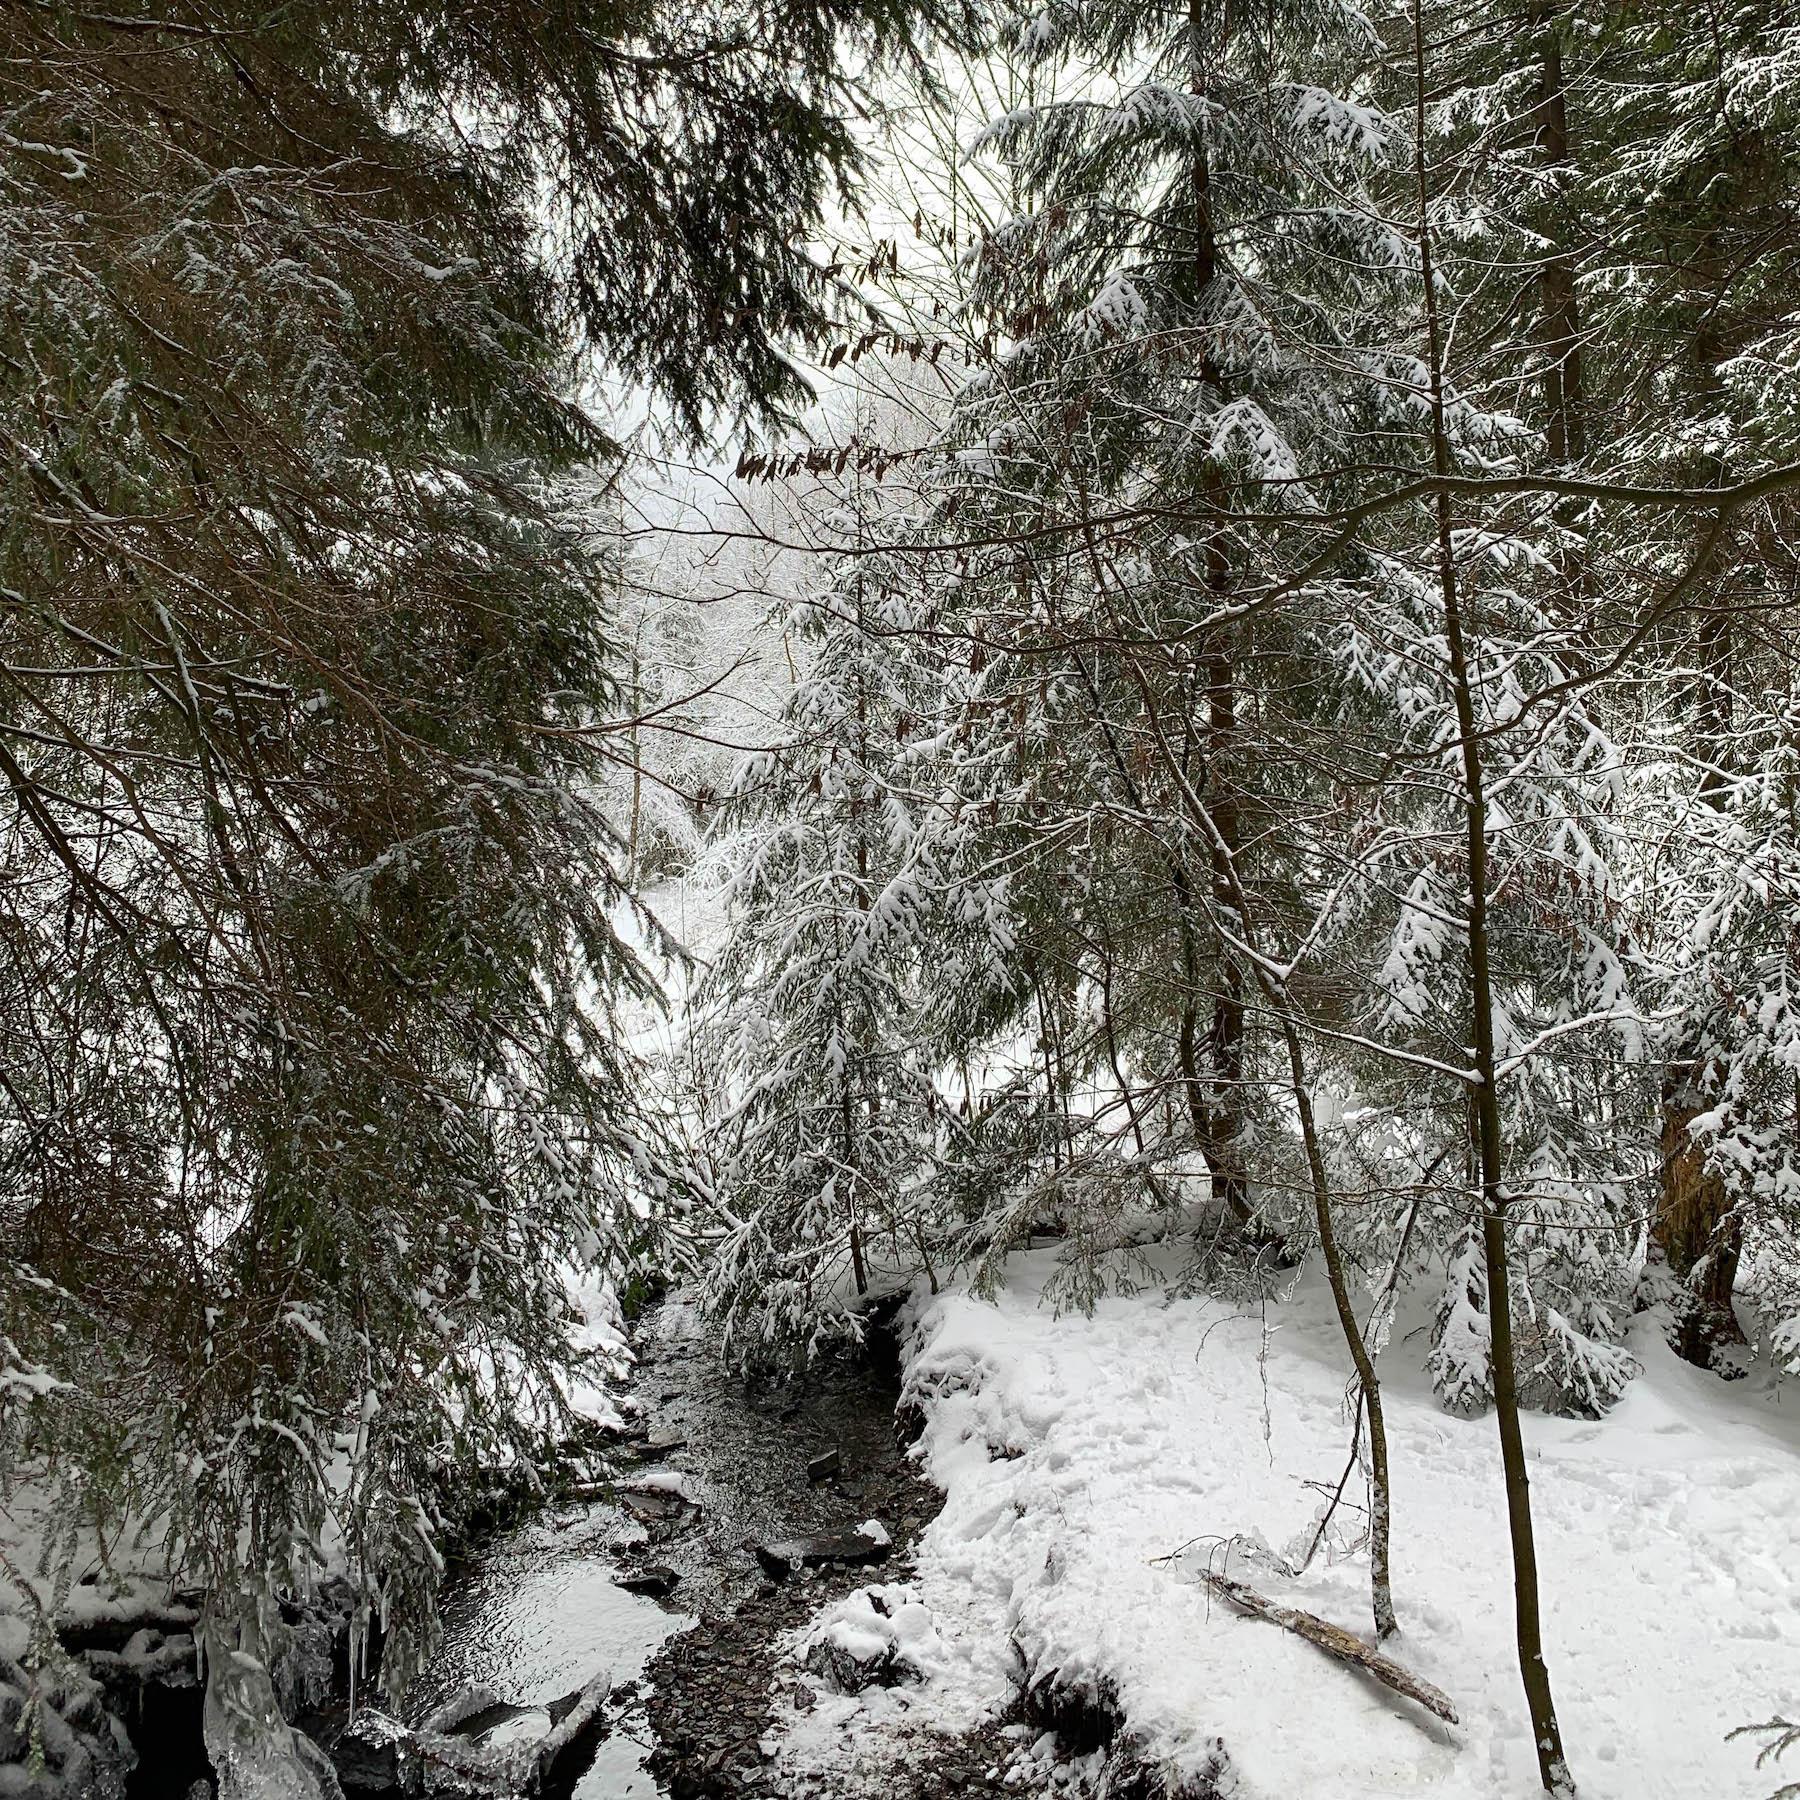 Rodeln im Harz Hahnenklee Suelovesnyc_Rodeln_im_harz_hahnenklee_schnee_winterspaziergang